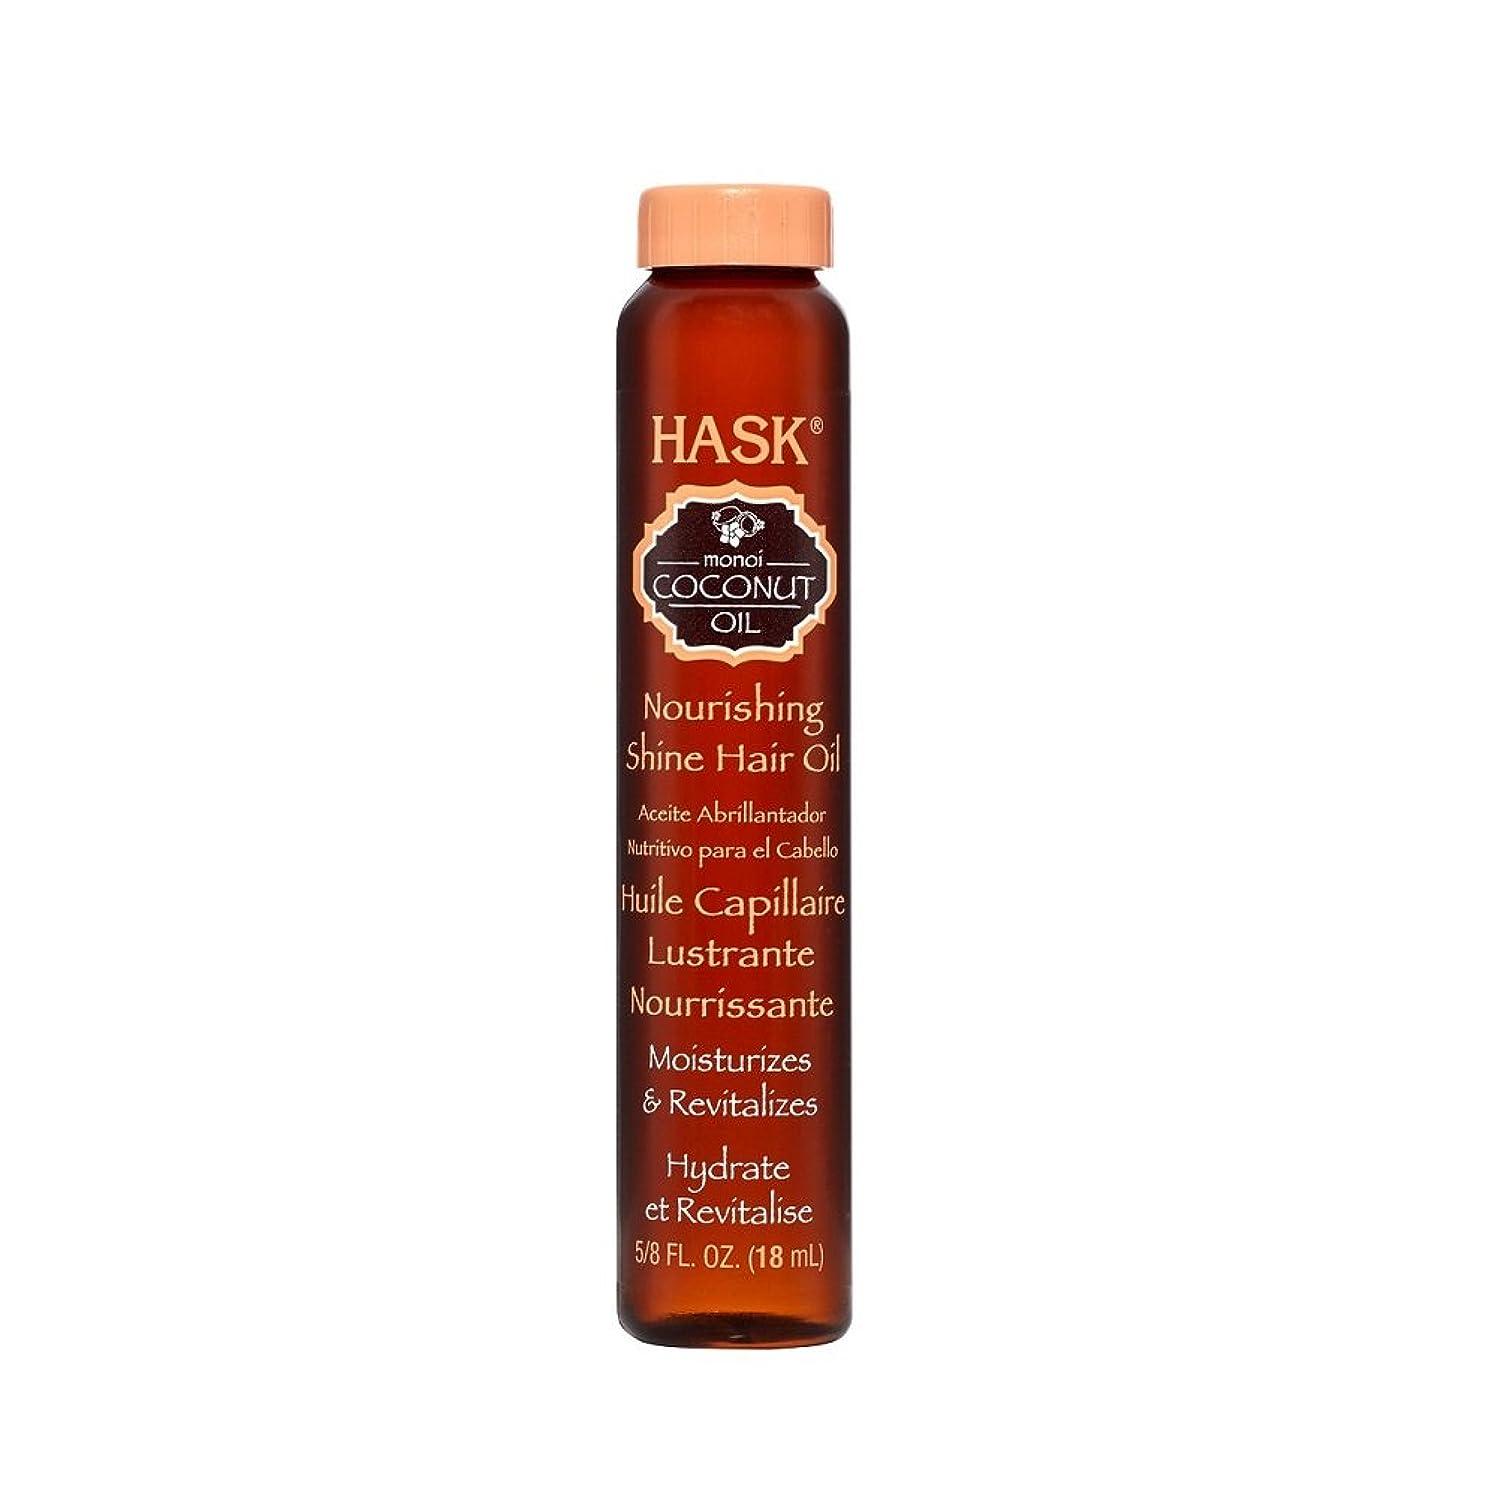 扇動ステージ検索エンジン最適化HASK Monoi Coconut Oil Nourishing SHINE Oil, 0.62 oz (並行輸入品)